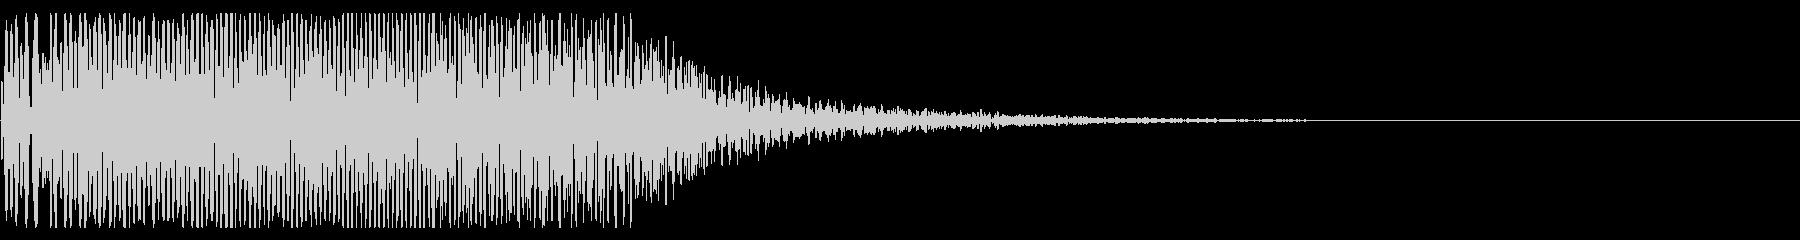 ブオーン④  機械音の未再生の波形